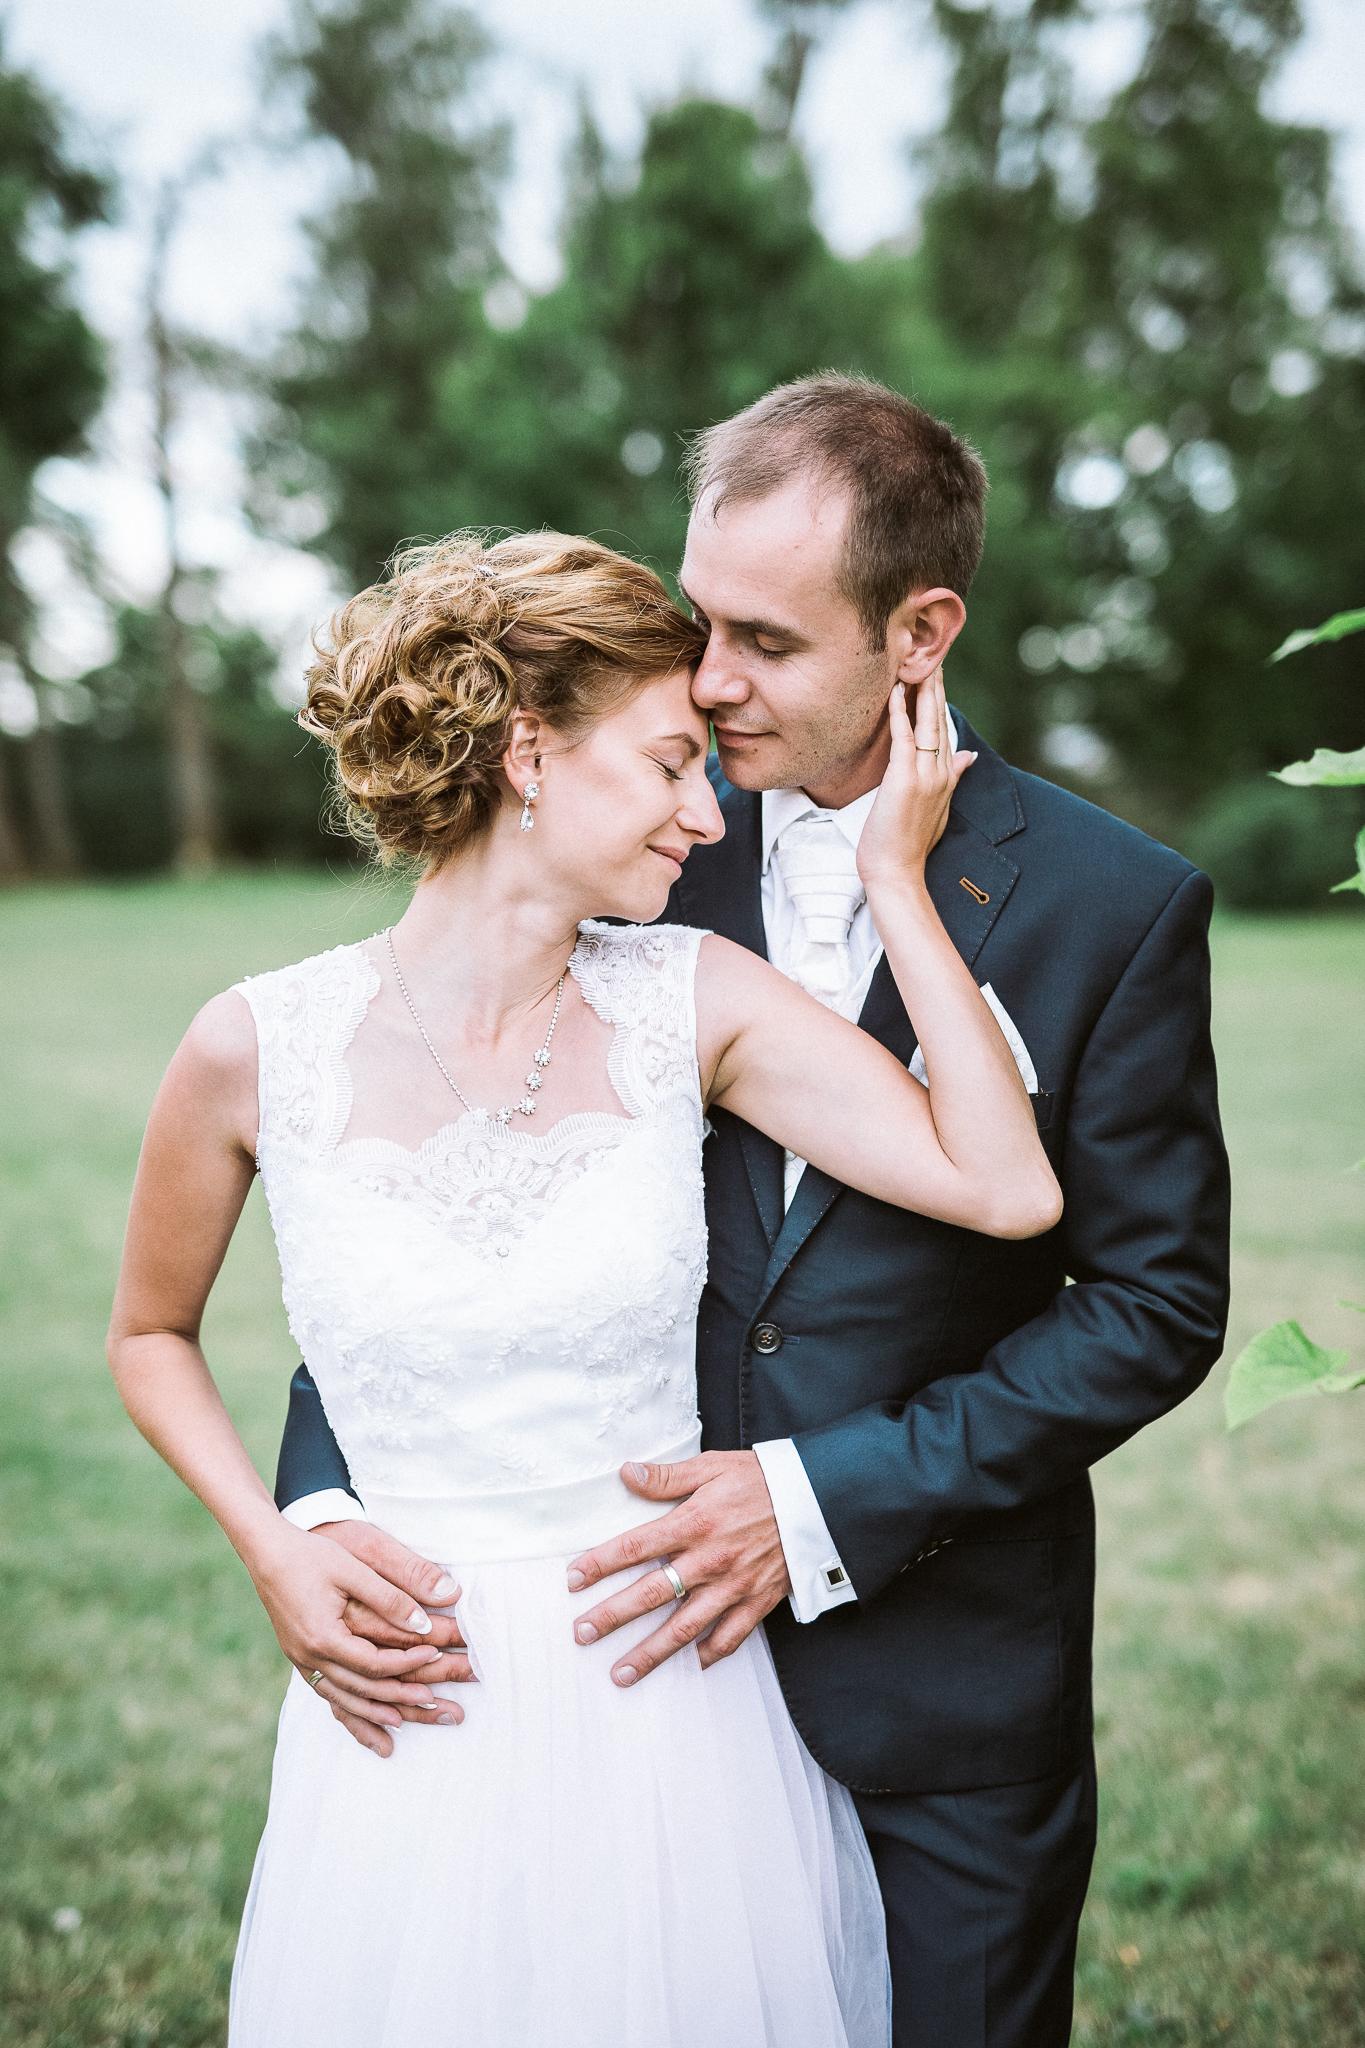 FylepPhoto, esküvőfotós, esküvői fotós Körmend, Szombathely, esküvőfotózás, magyarország, vas megye, prémium, jegyesfotózás, Fülöp Péter, körmend, kreatív, fotográfus_16-2.jpg